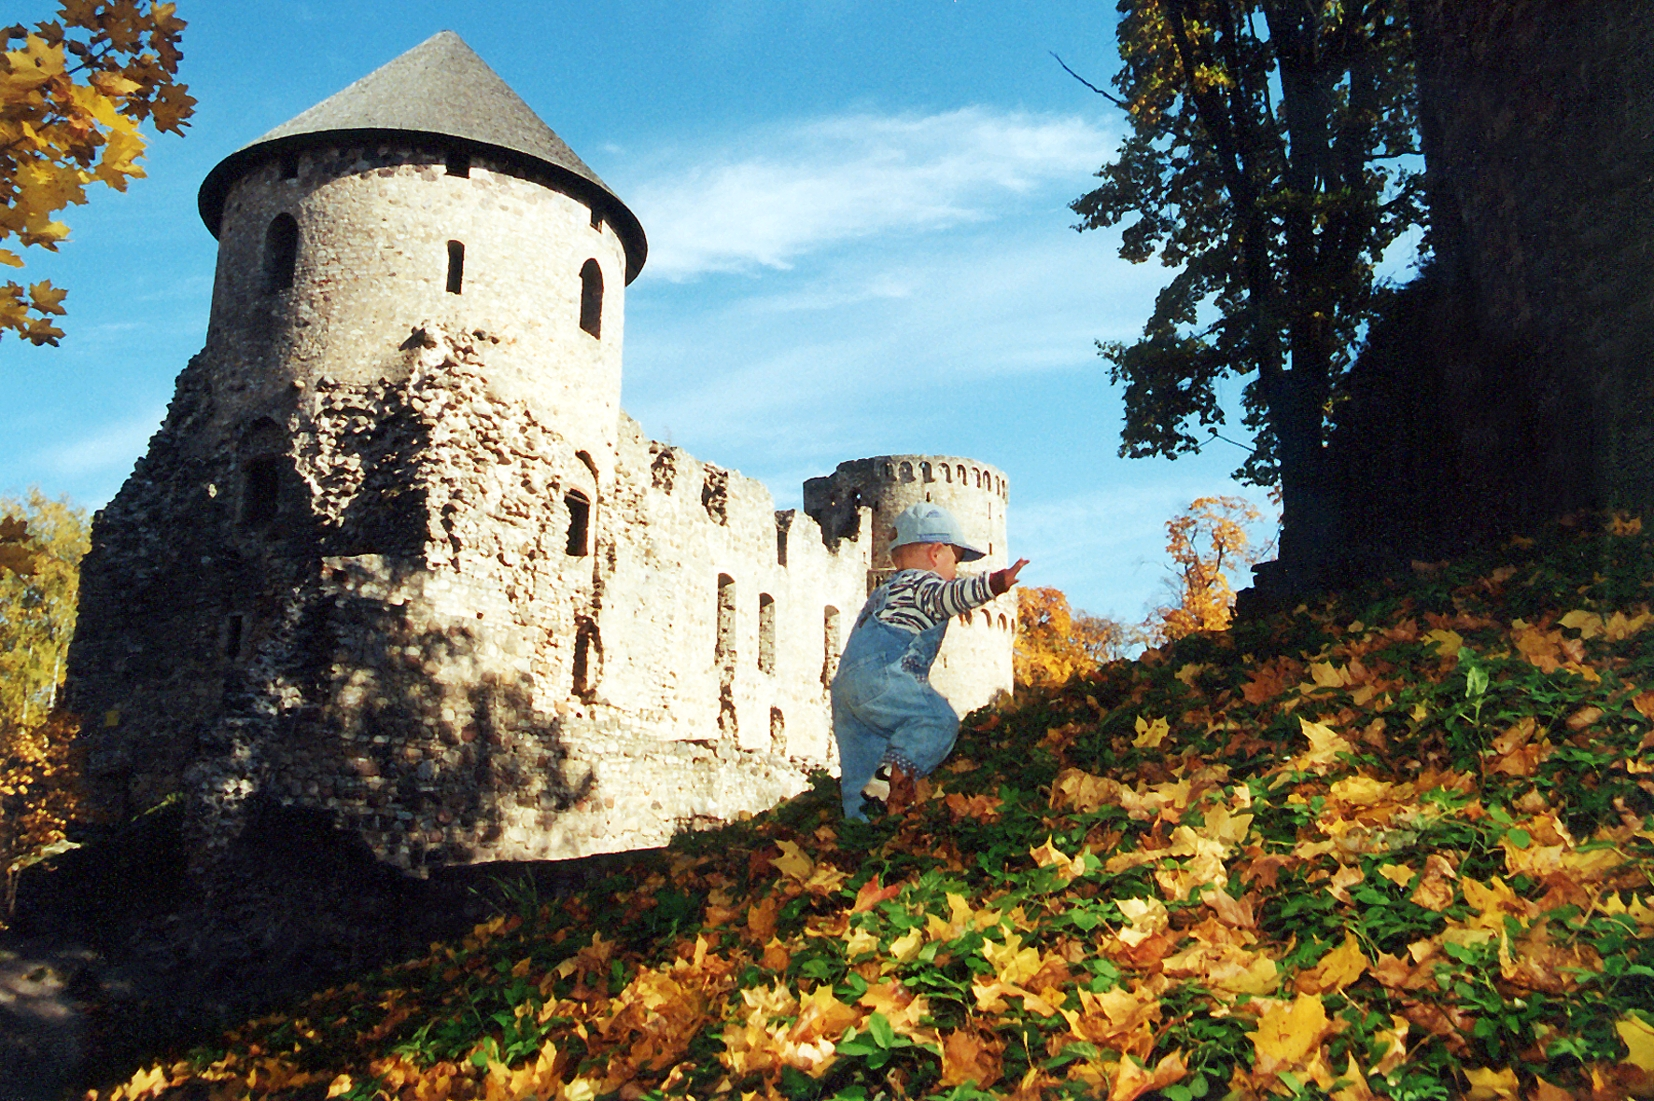 Pils rietumu tornis rudenī